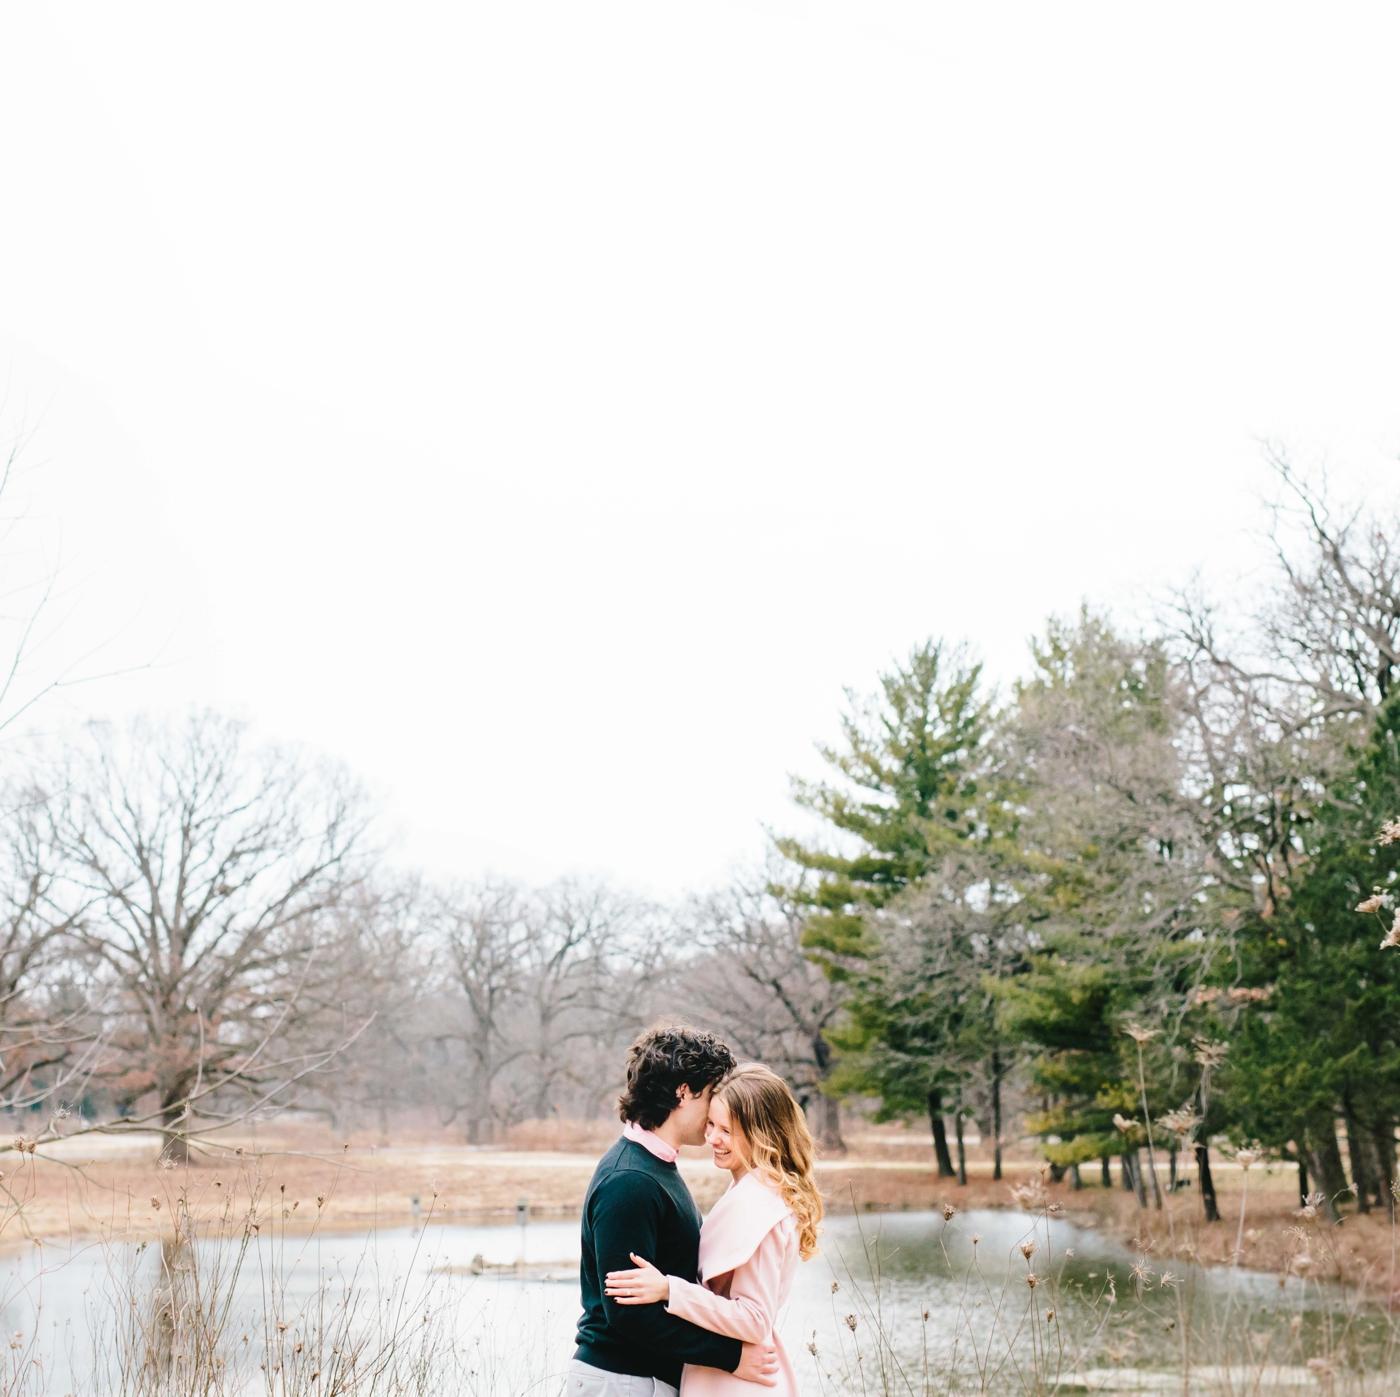 chicago-fine-art-wedding-photography-pauldemitra7